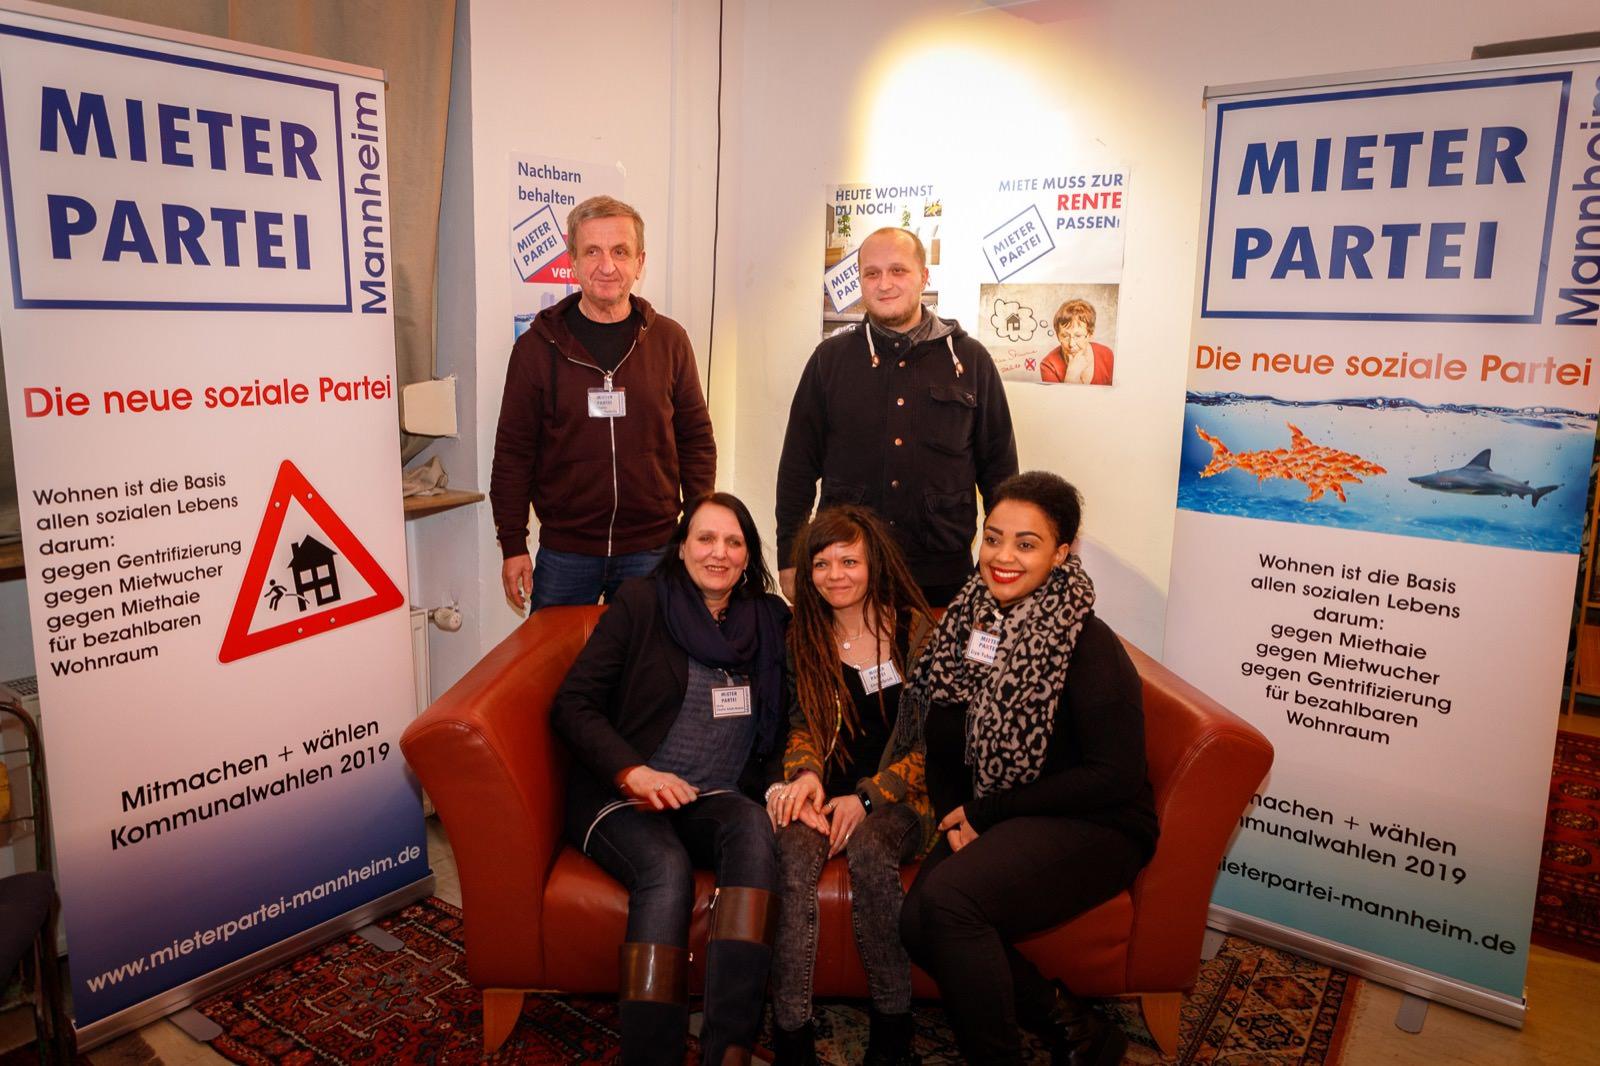 Gruppenfoto der Mieterpartei im Café Cohrs | Foto: CKI